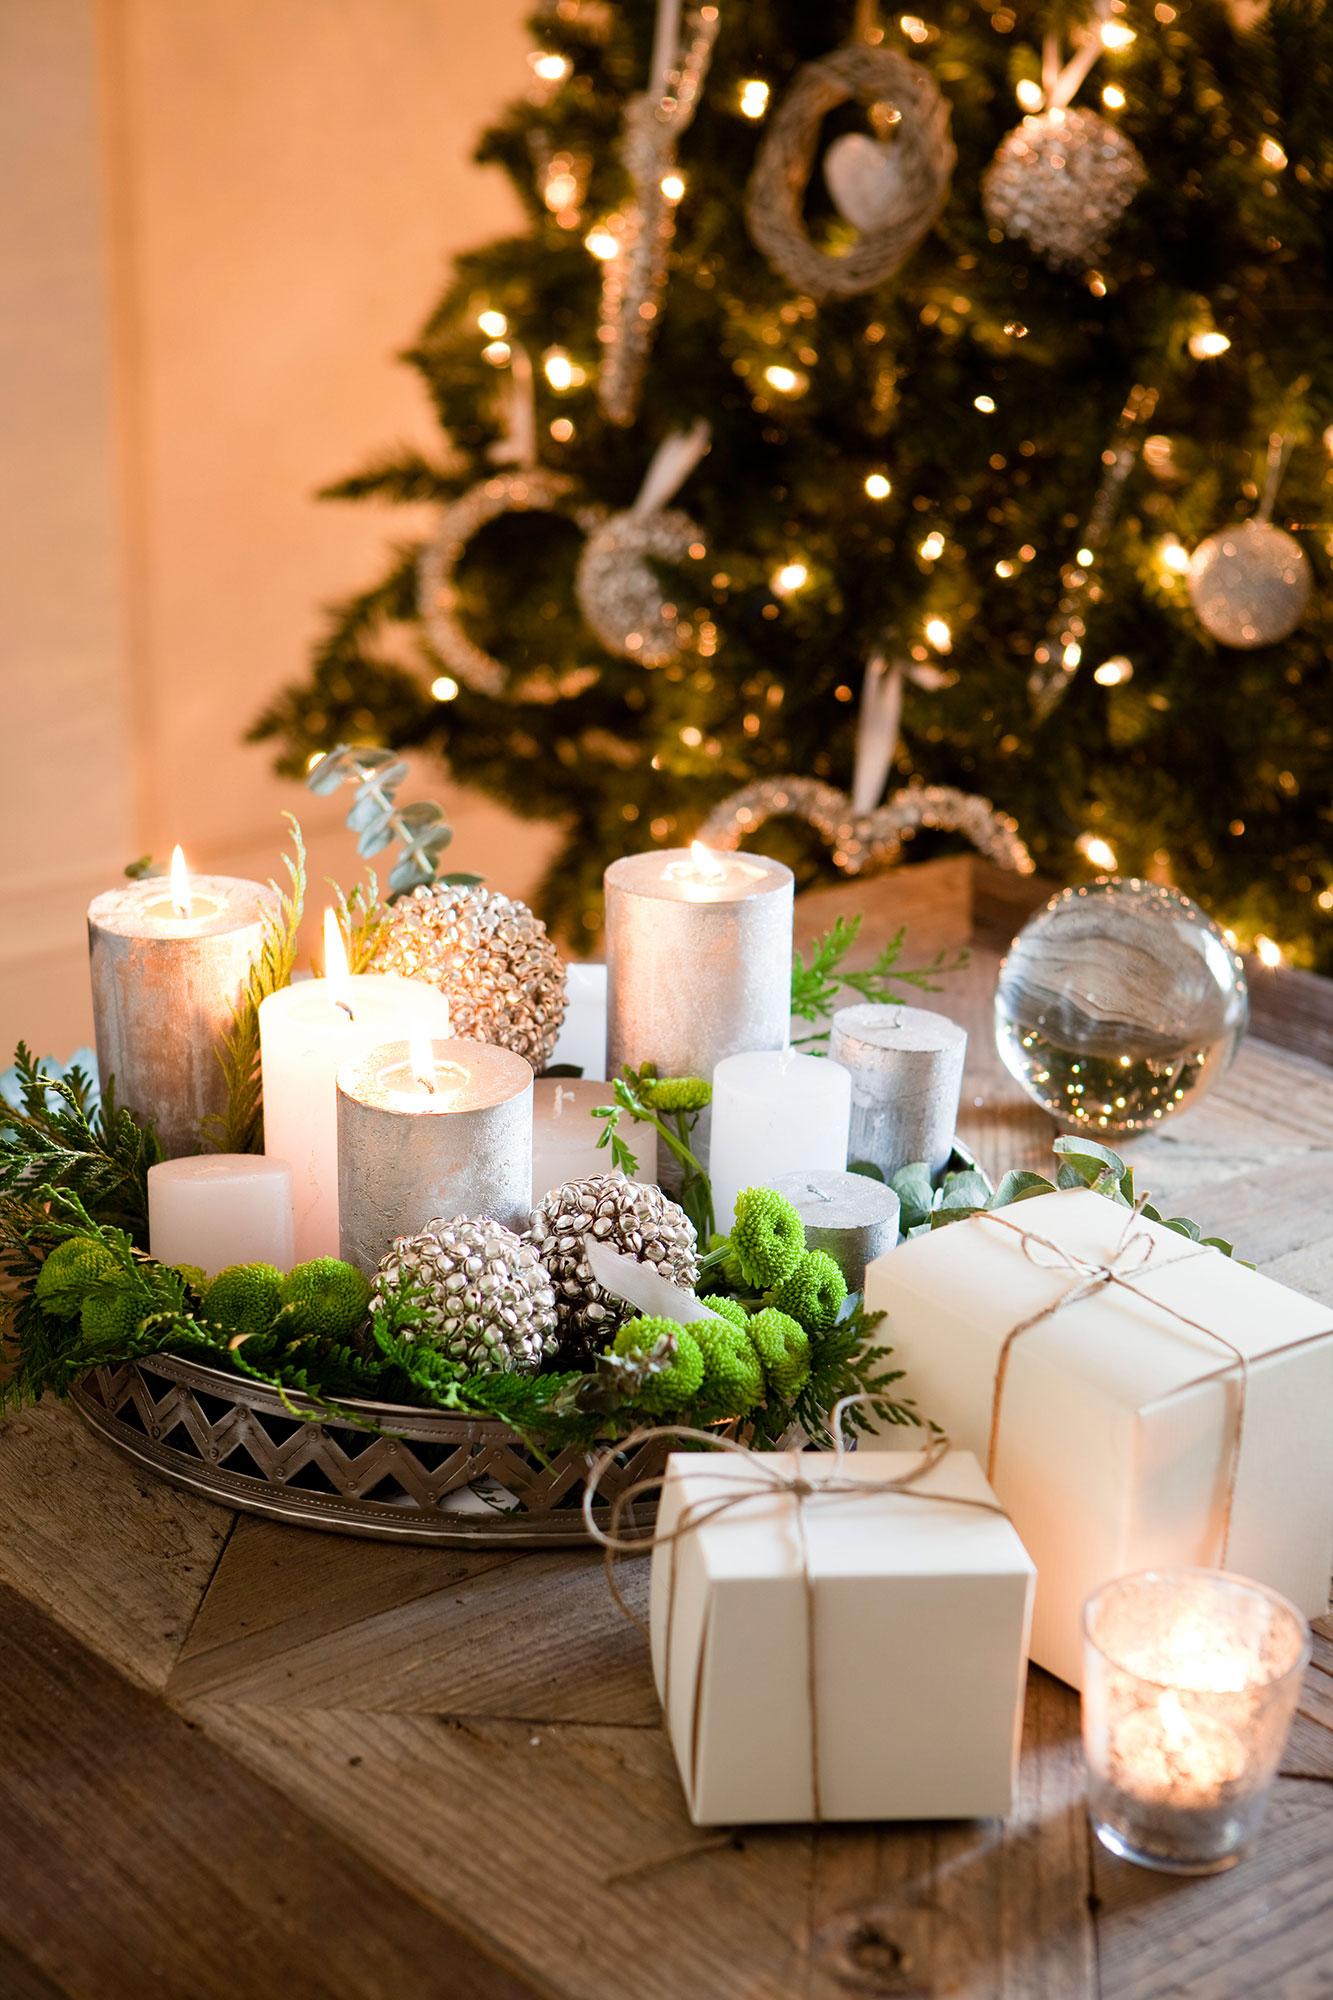 Detalles e ideas en plata para decorar tu casa esta navidad for Centros navidenos con velas